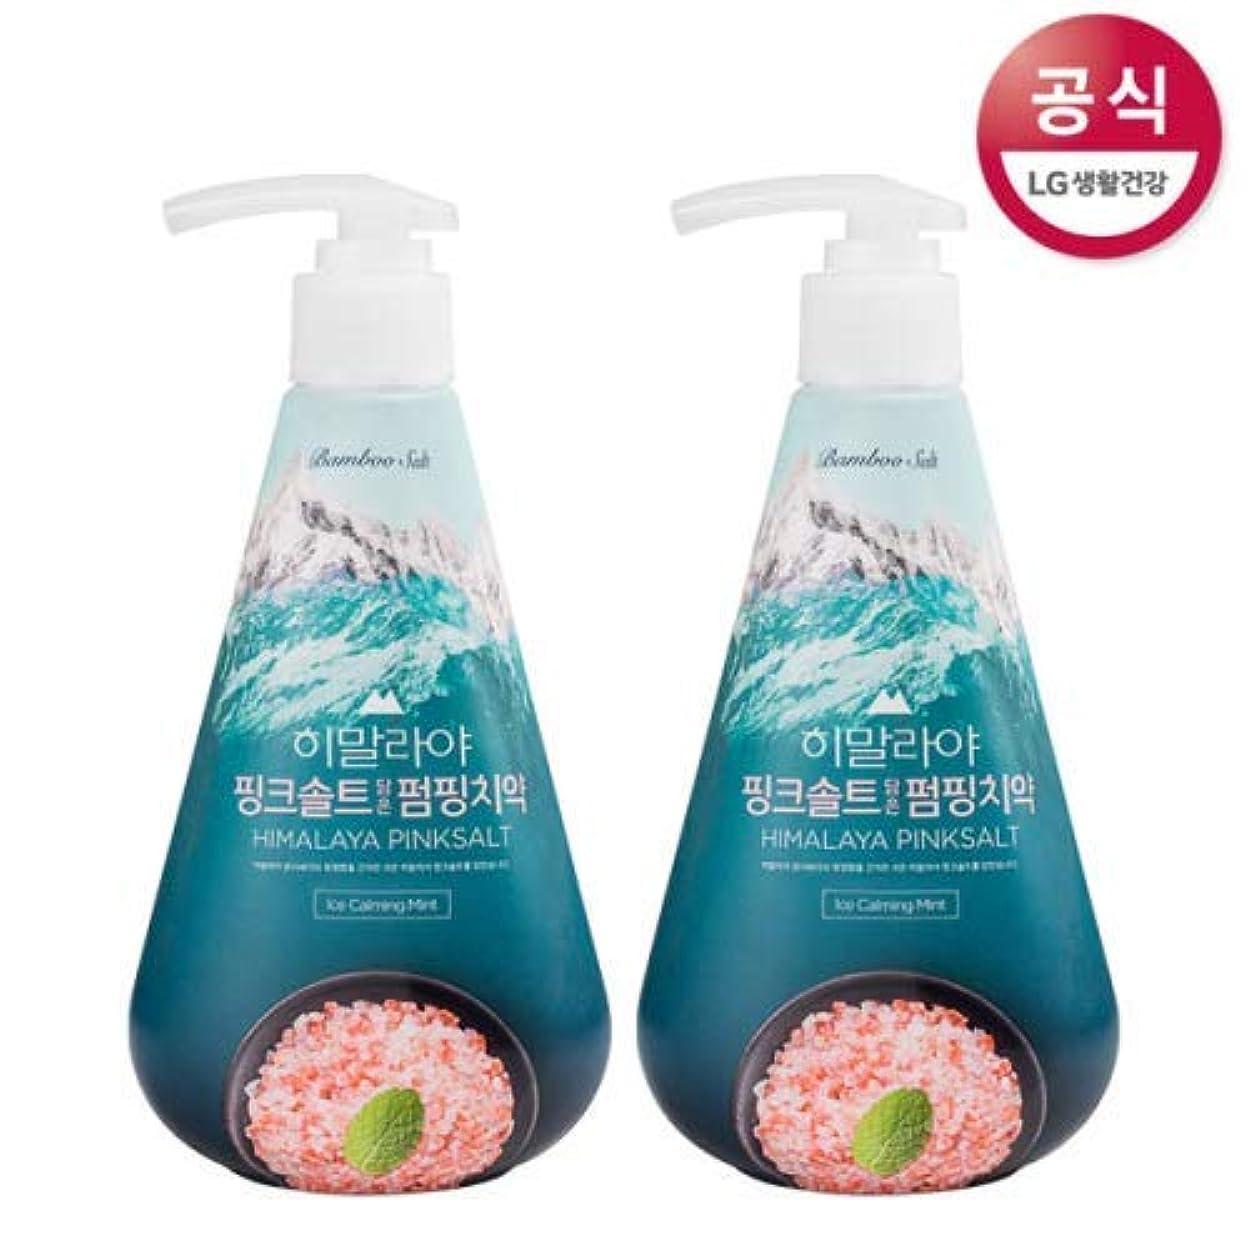 暫定の好きであるエキス[LG Care/LG生活健康]ヒマラヤピンクソルトポンピング歯磨き粉アイスカミングミント285gx2個/歯磨きセットスペシャル?リミテッドToothpaste Set Special Limited Korea(海外直送品)